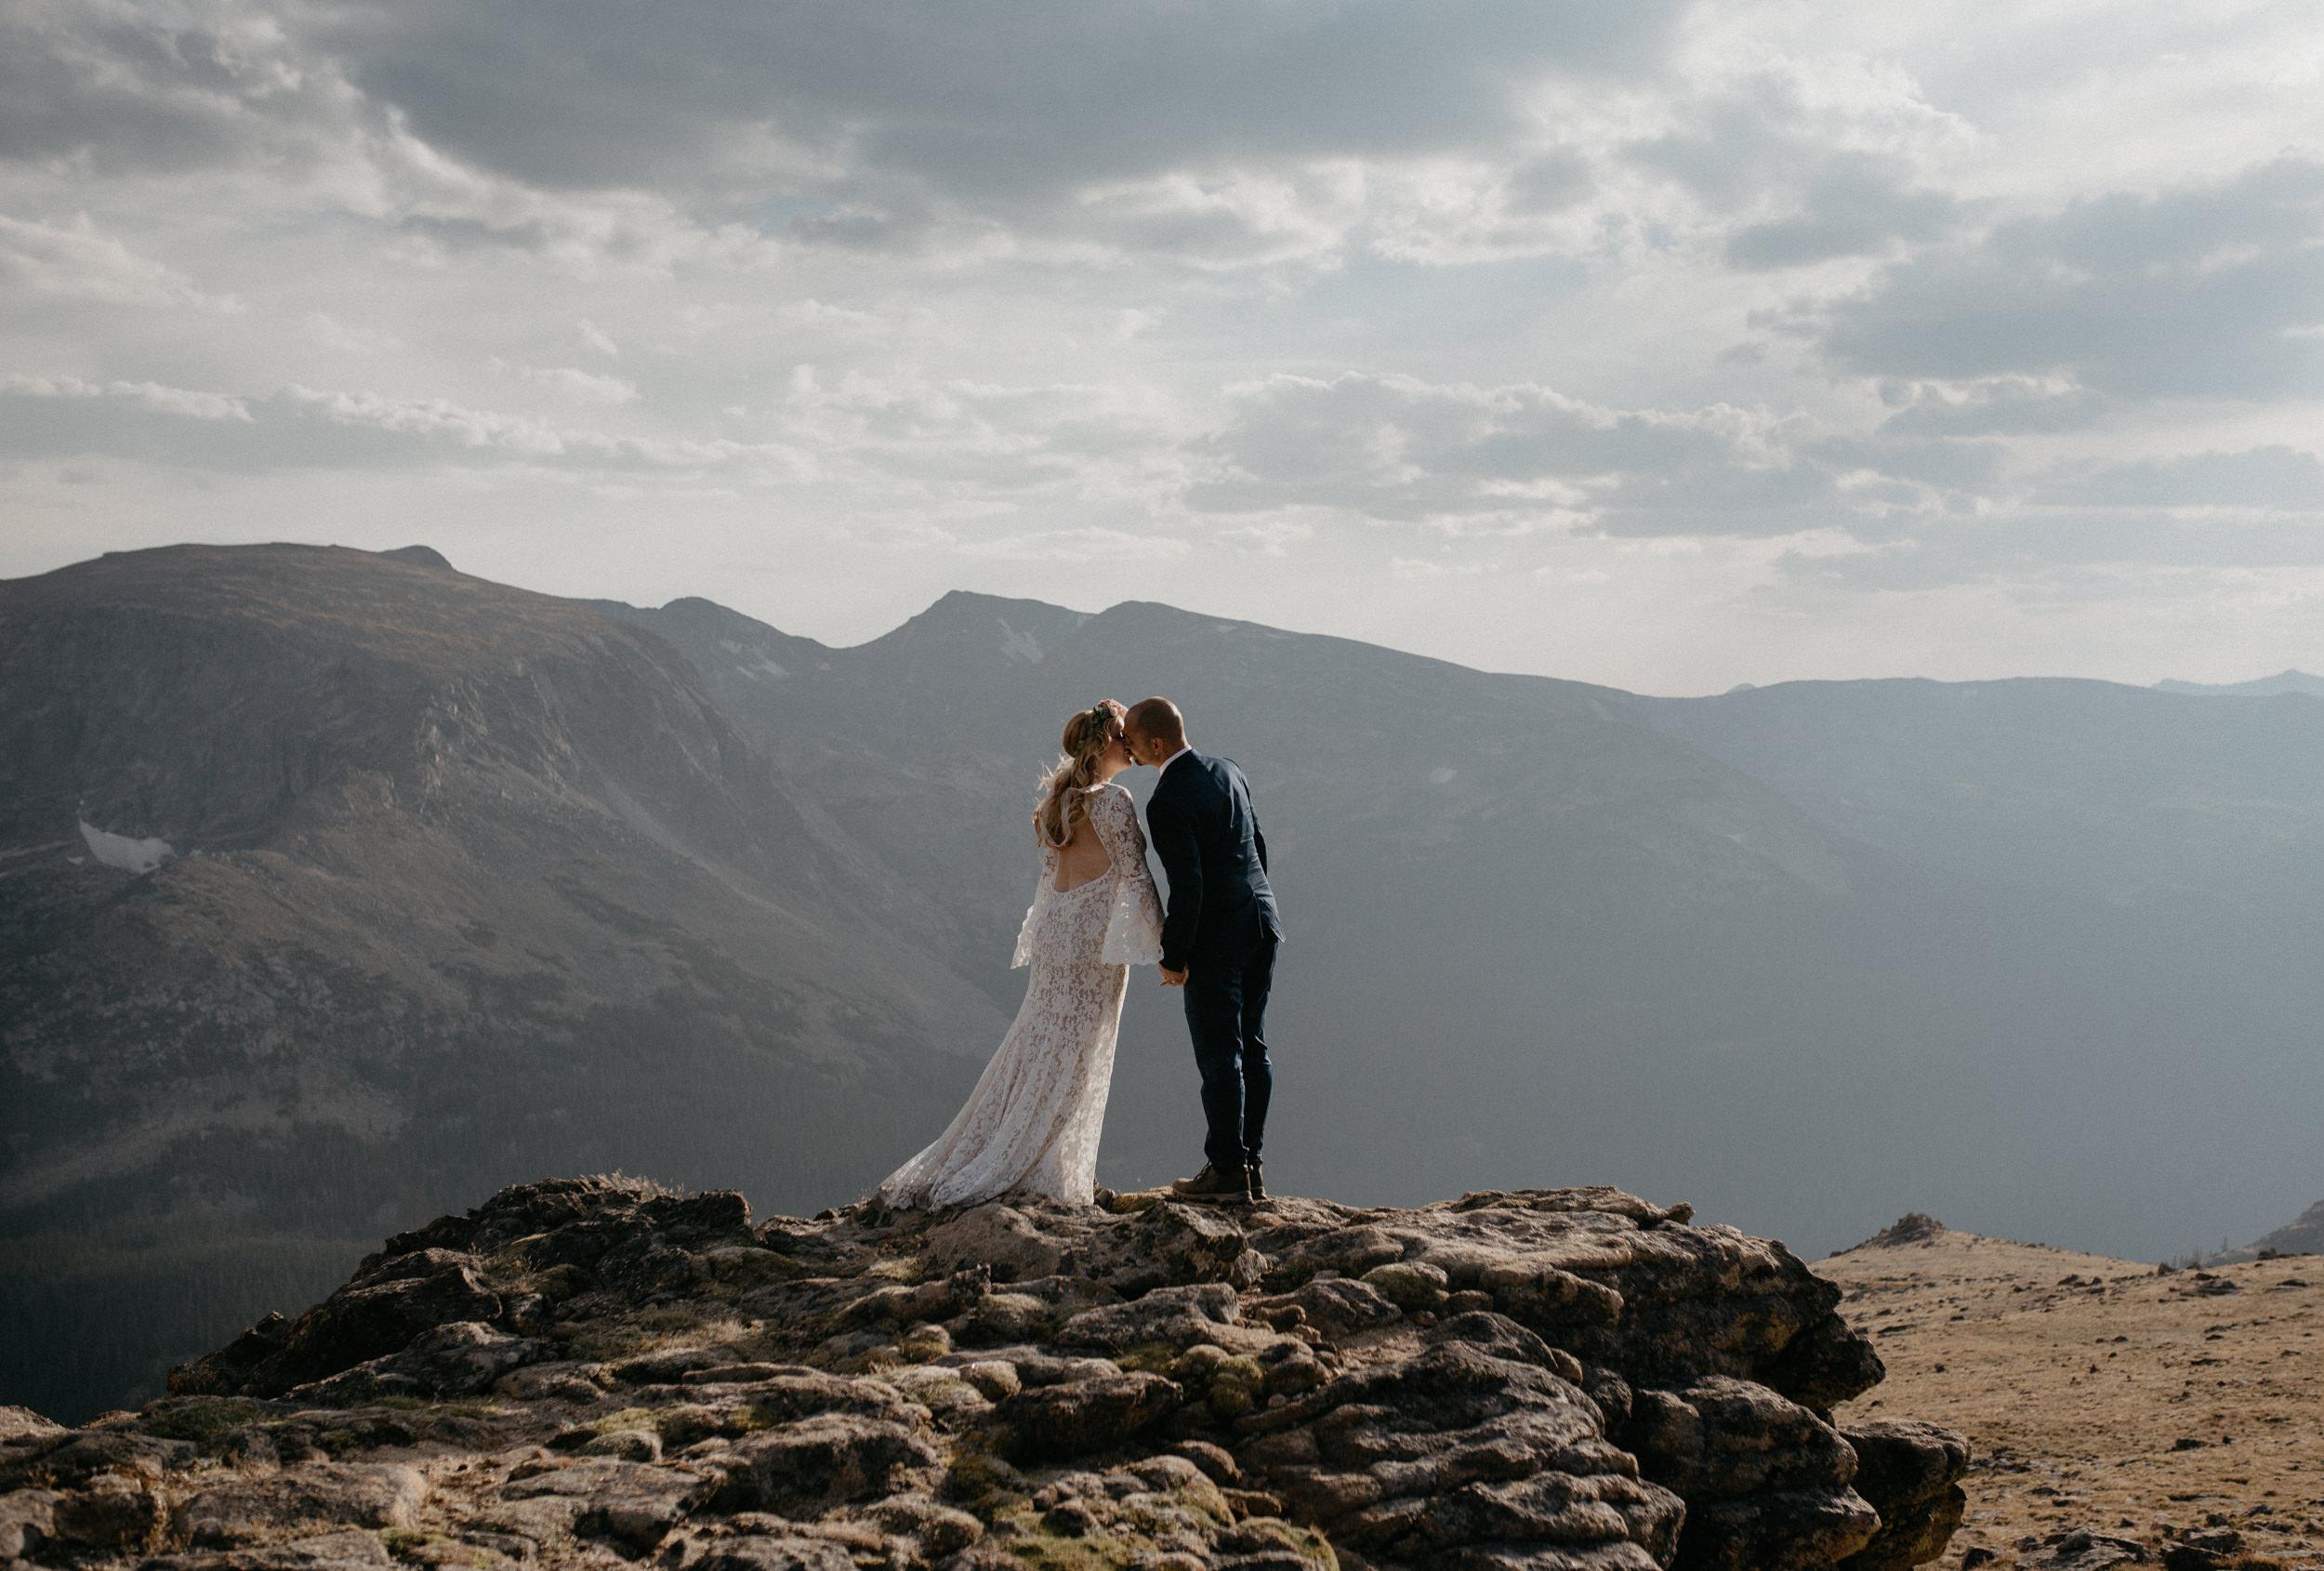 Rocky mountain wedding photographer based in Colorado.